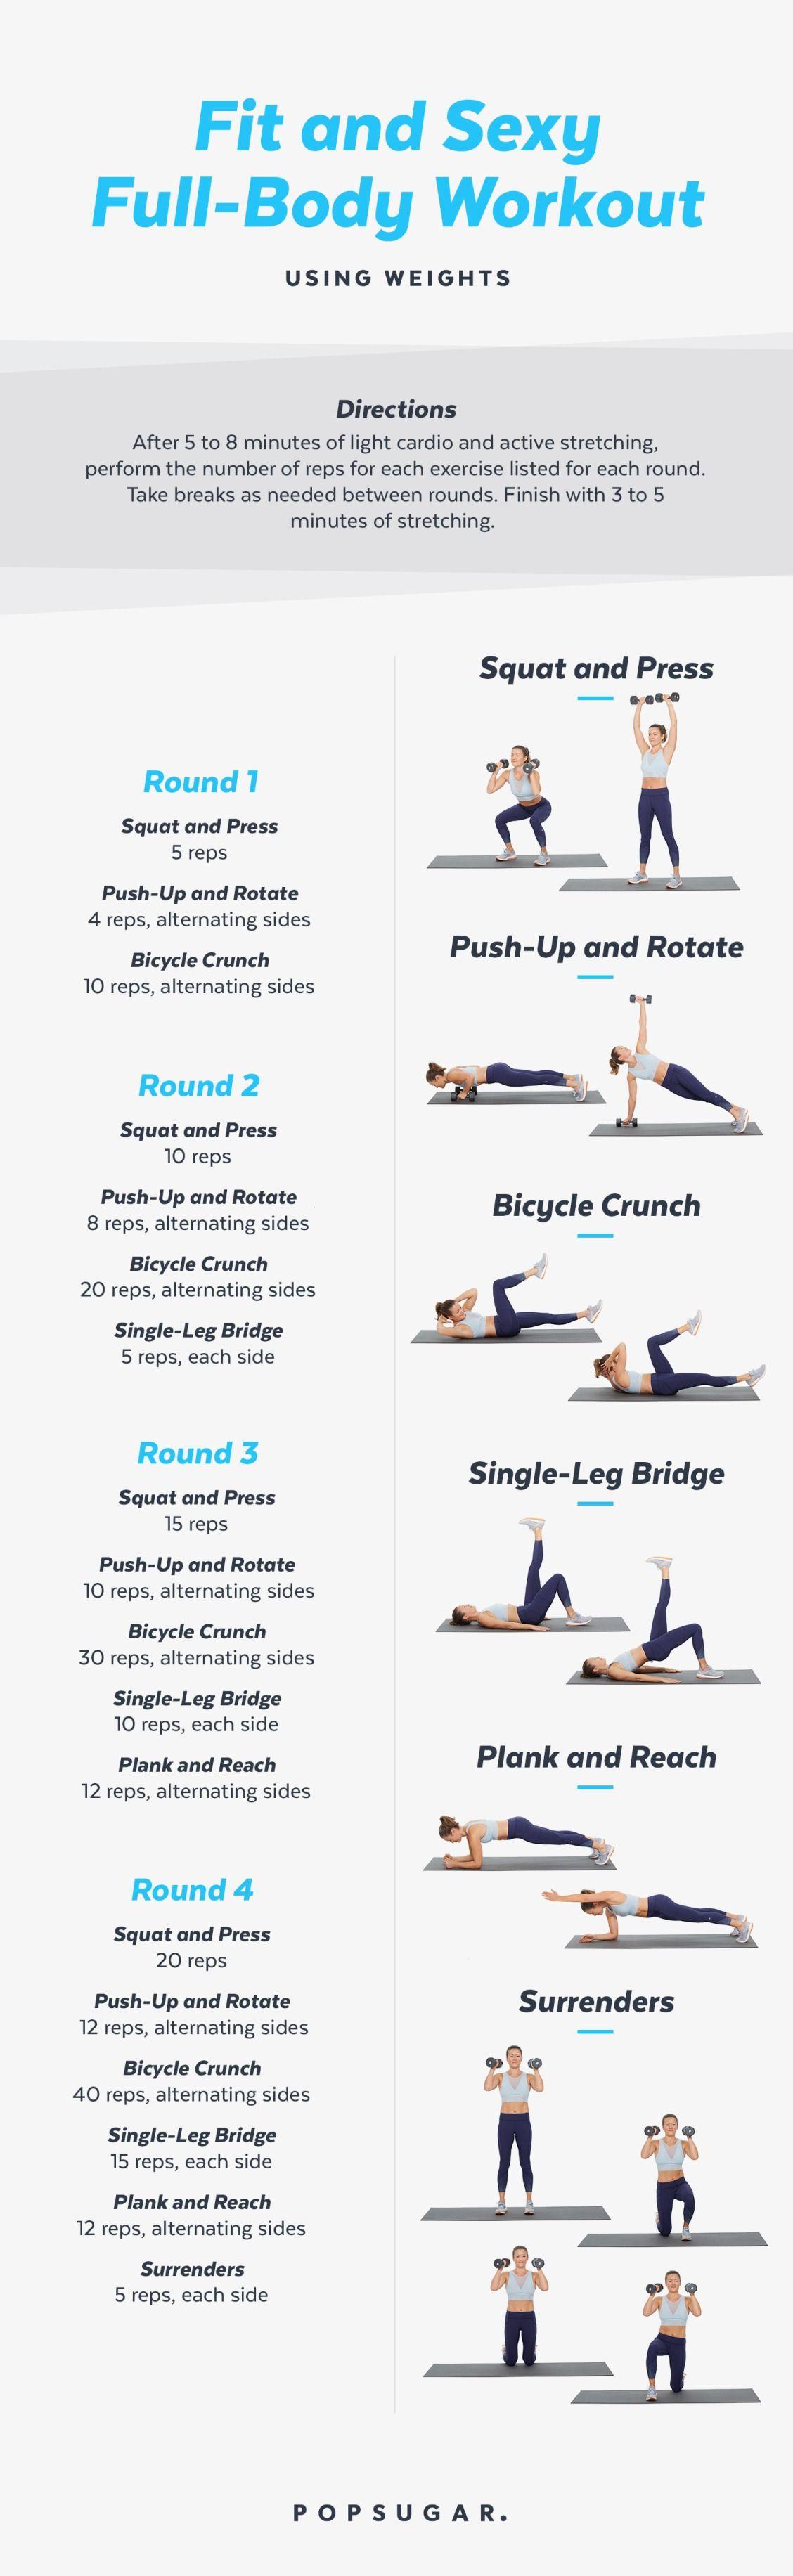 39++ 30 minute intermediate full body workout ideas in 2021